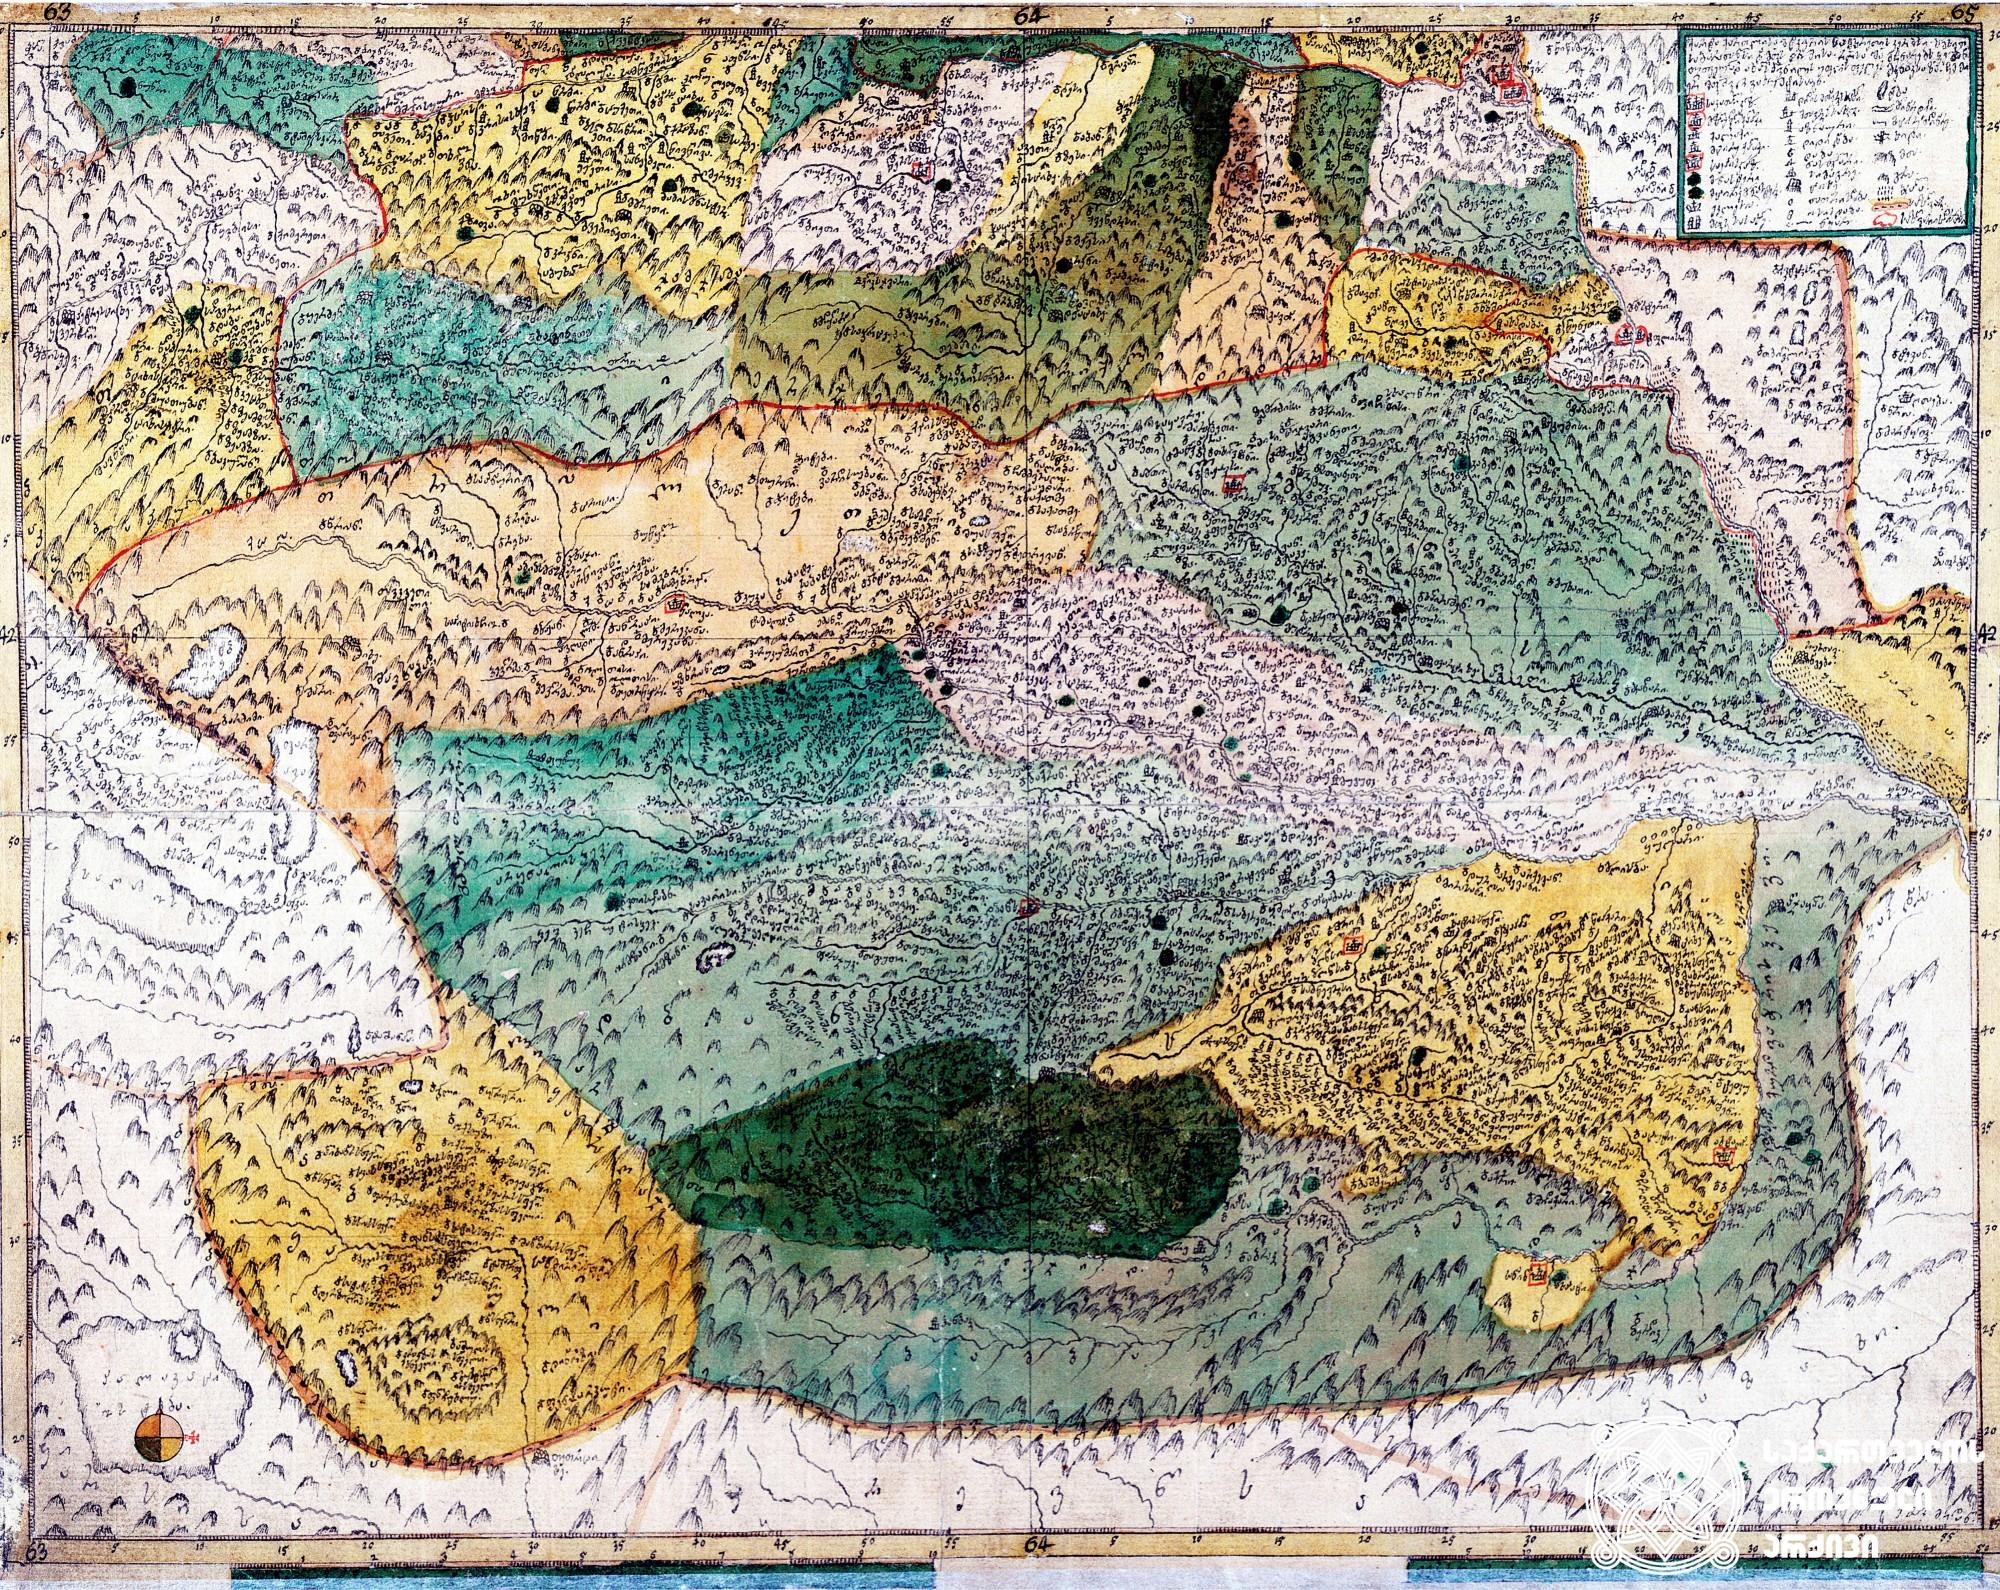 """ვახუშტის ატლასი <br> ქართლის რუკა (მტკვრის სამხრეთით) <br> Atlas of Vakhushti <br> The map of Kartli (to the South of Mtkvari) <br> """"ქარტა ქართლისა მტკვრის სამხრეთის კერძოსი. სომხით-საბარათიანოსი და მეფის დროშისა, რომელსა შინა მჩენარებს ჴეობანი თვითვეულად ახალს პოვნილს უფლის ფელეს მენაკსა ზედა. ჩემ მიერ მეფი შვილი ვახუშტისაგან""""."""